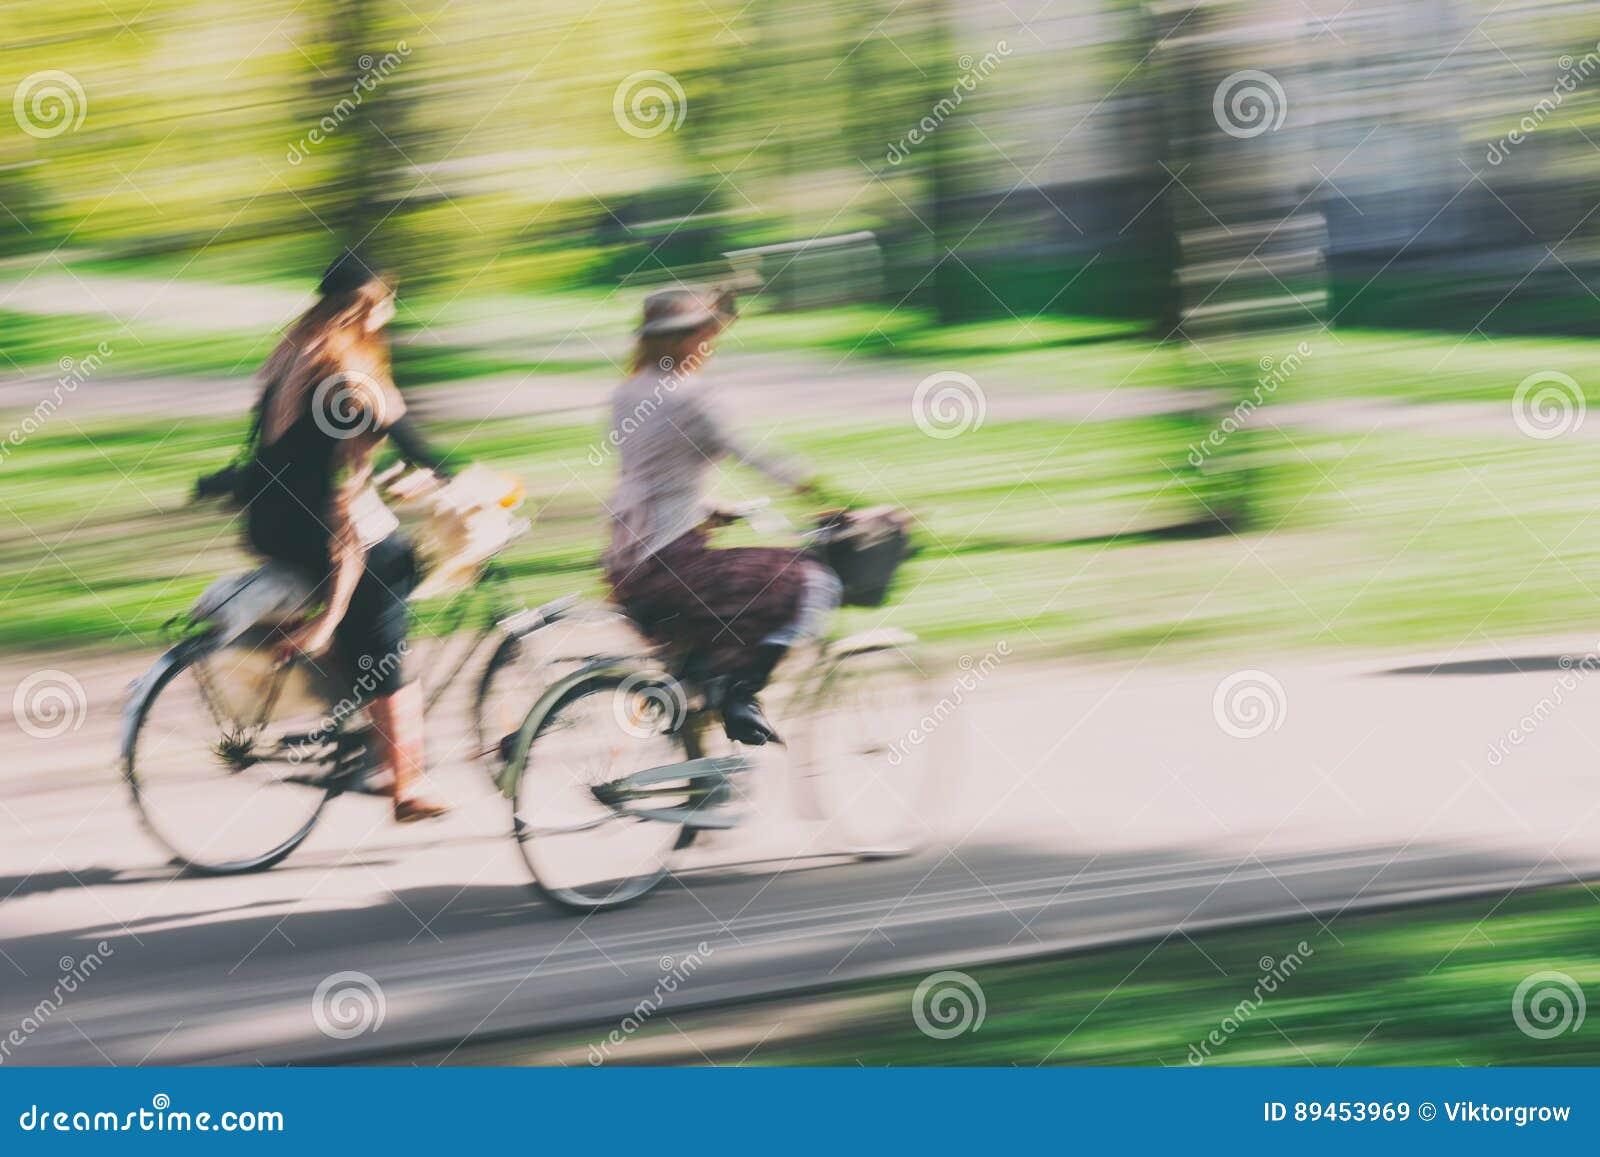 Par av cyklister i retro stil